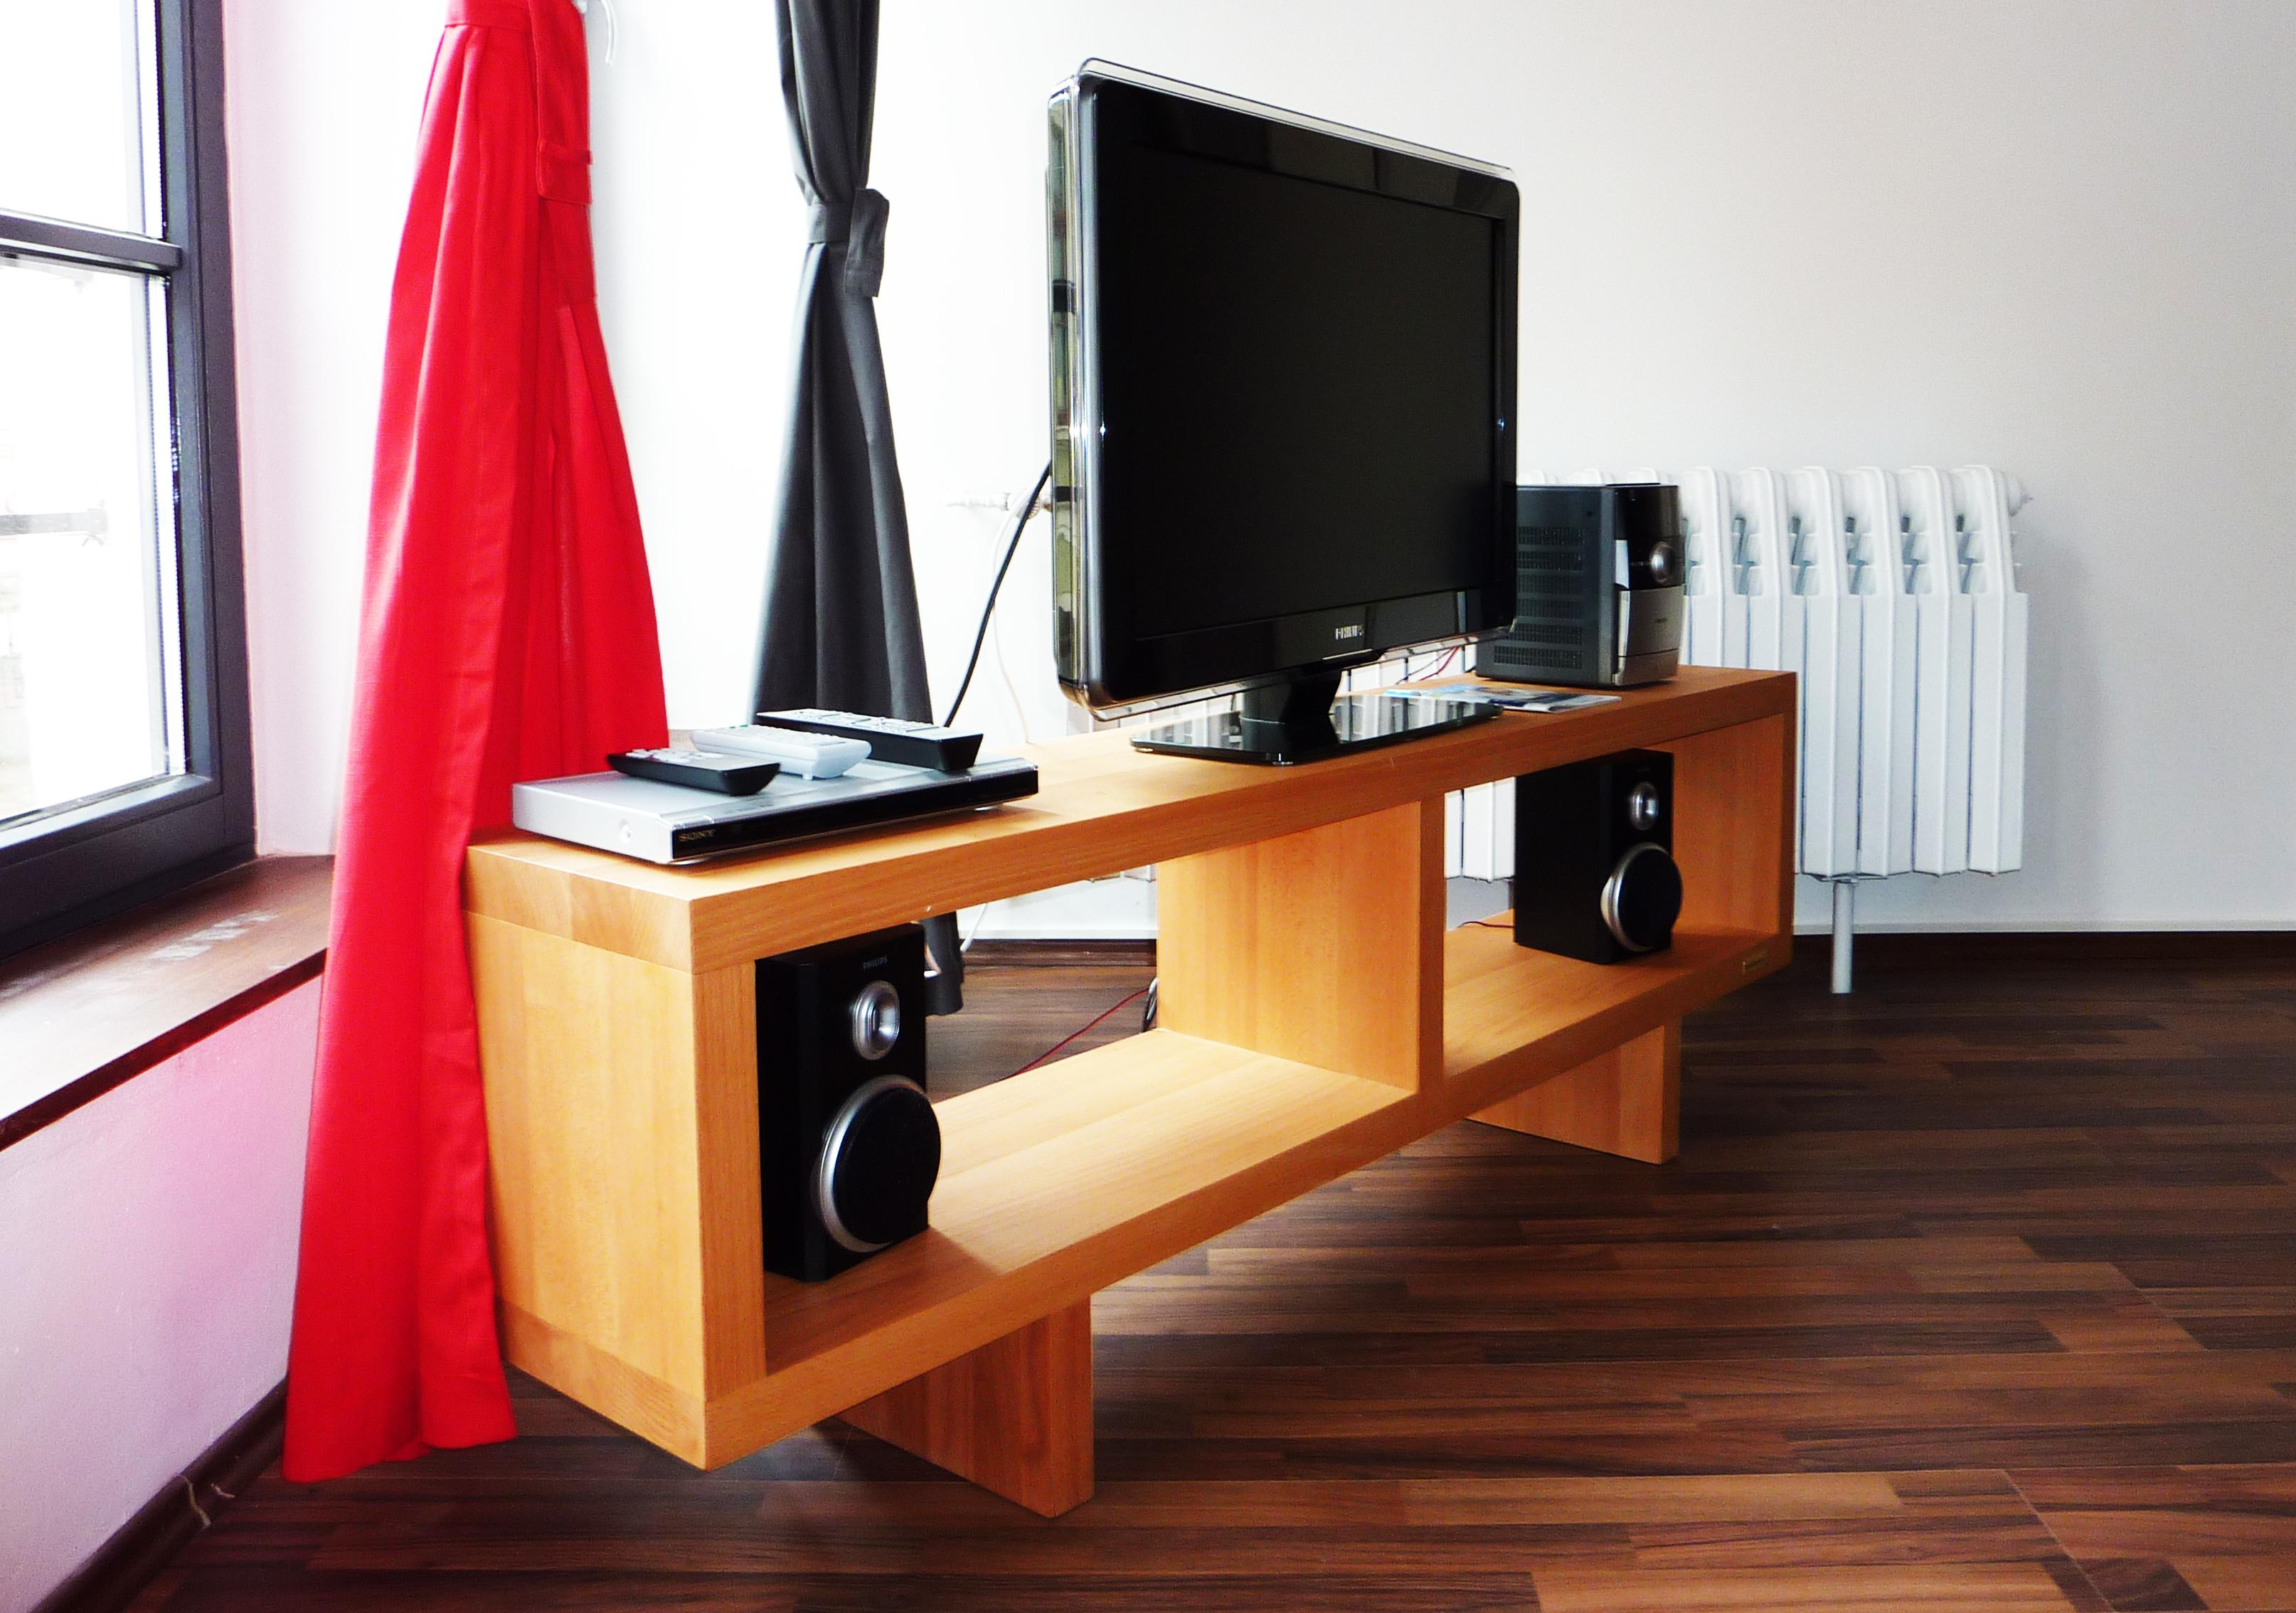 Beeindruckend Sideboard Vollholz Ideen Von Und Tv Regal Für Den Fernseher